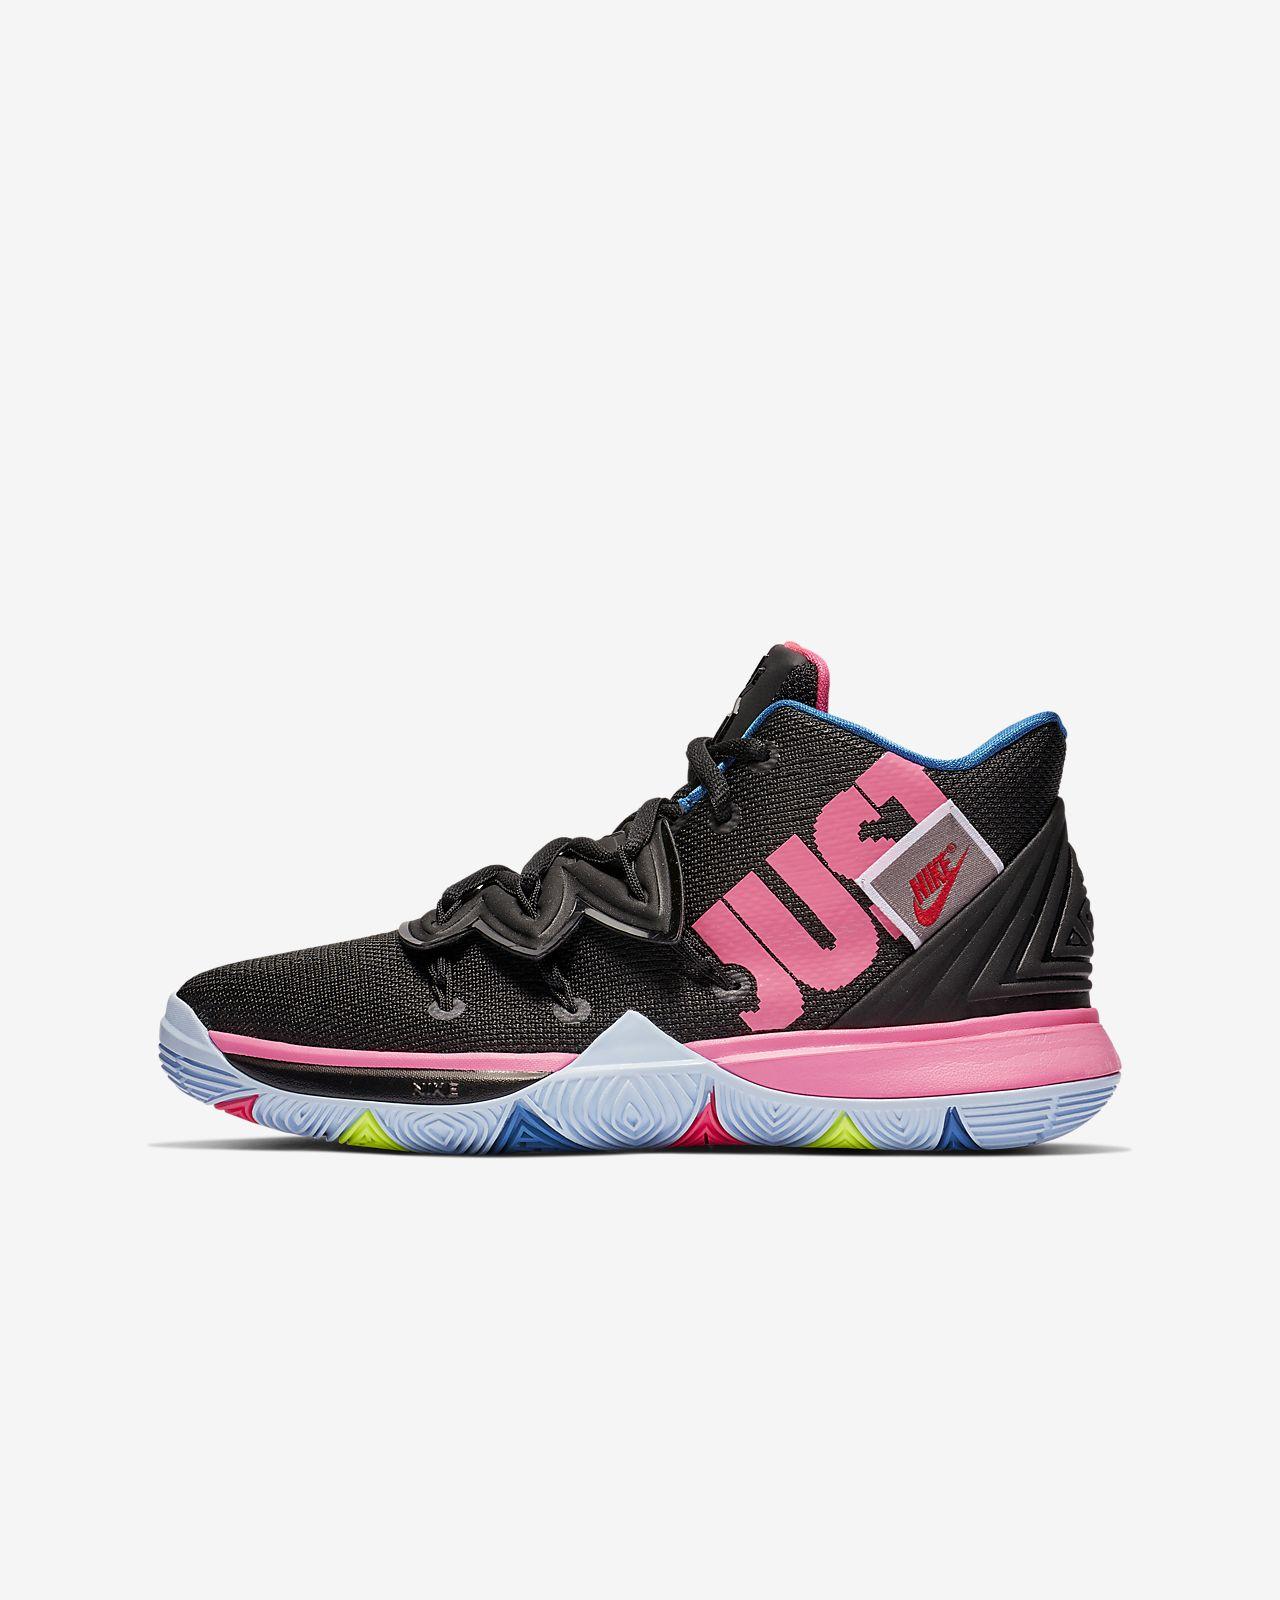 3fcad698851c Kyrie 5 Big Kids  Shoe. Nike.com